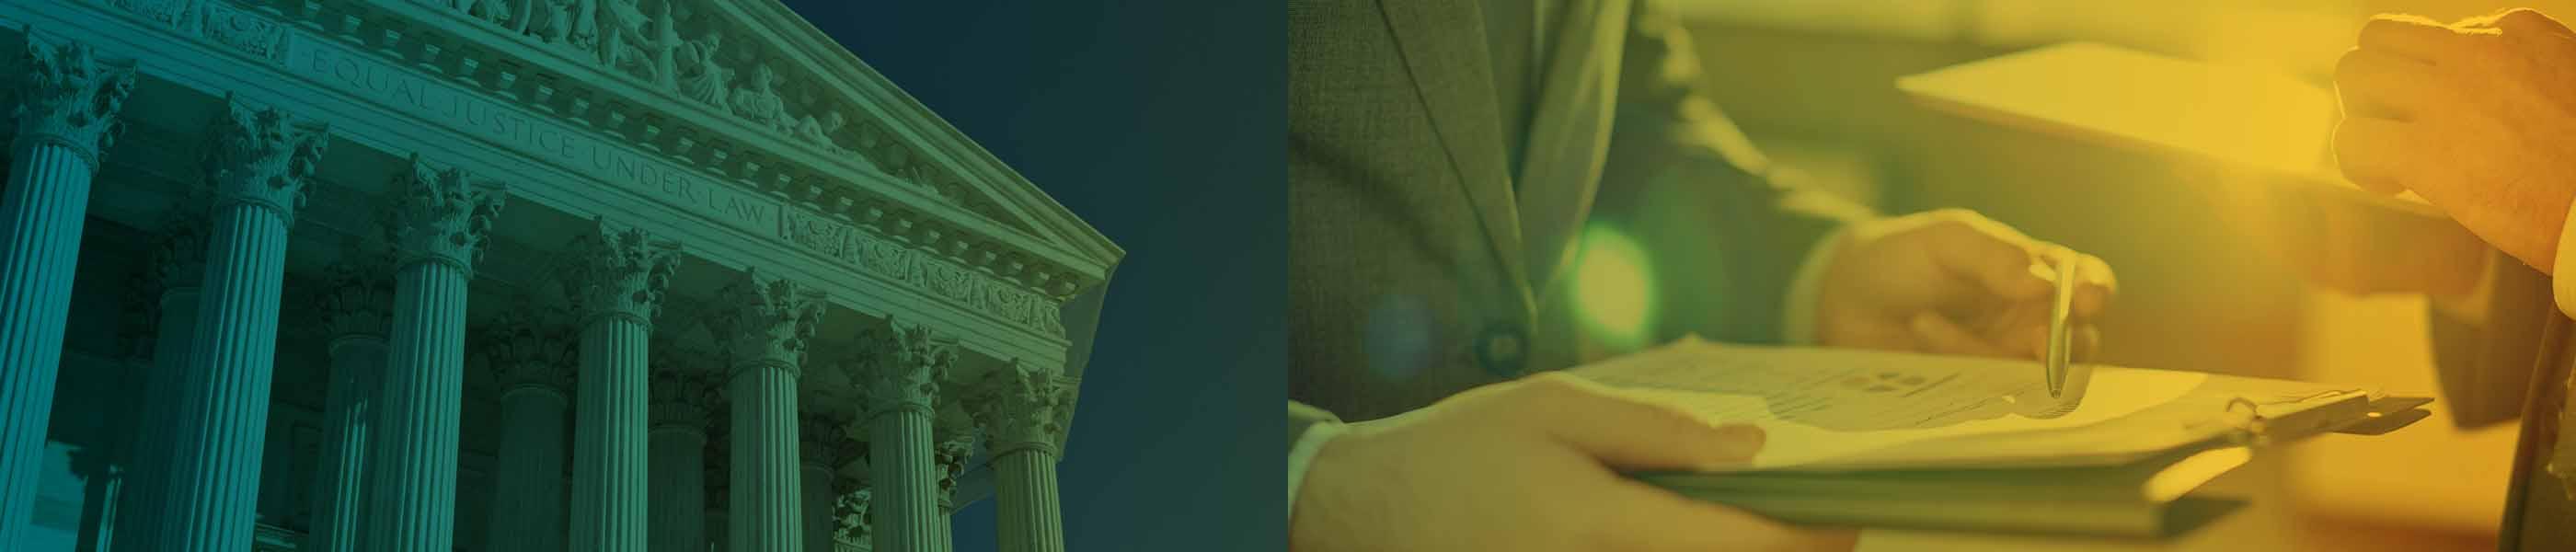 Intralinks para servicios jurídicos y profesionales